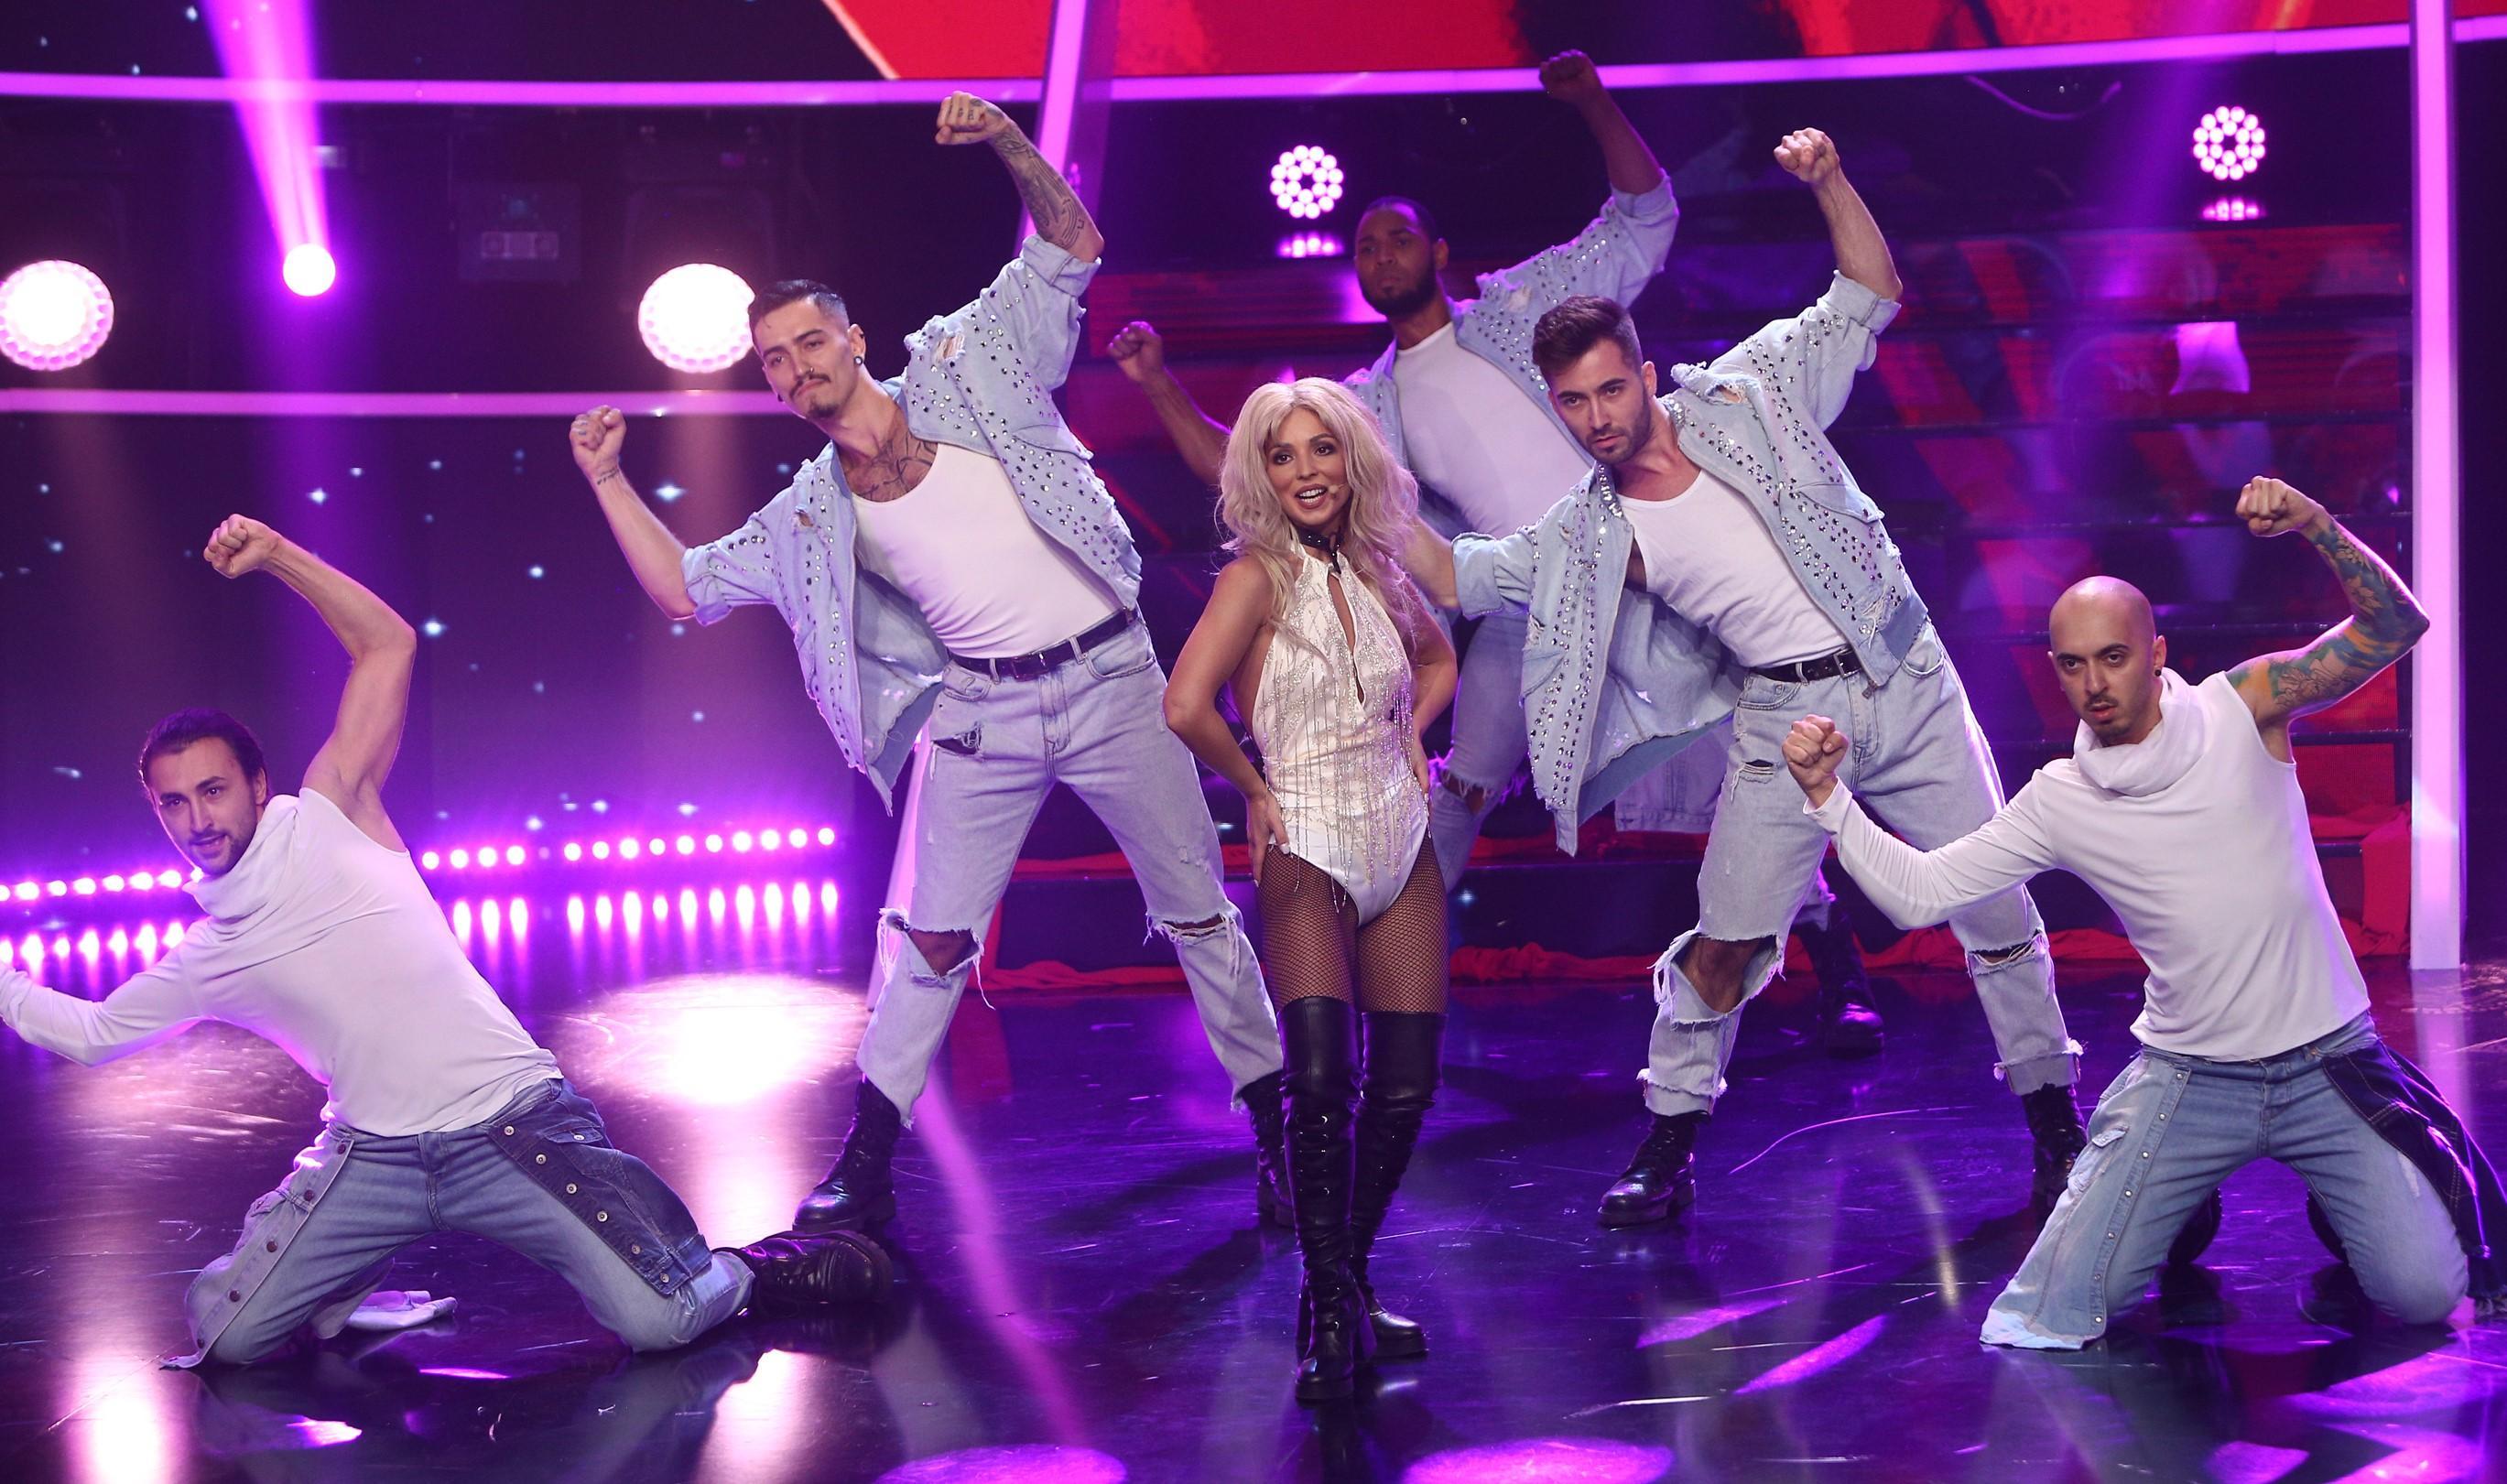 """Finala Te cunosc de undeva 2020. AMI, transformare spectaculoasă în Britney Spears: """"Prima finalistă, primul mega-show!"""""""